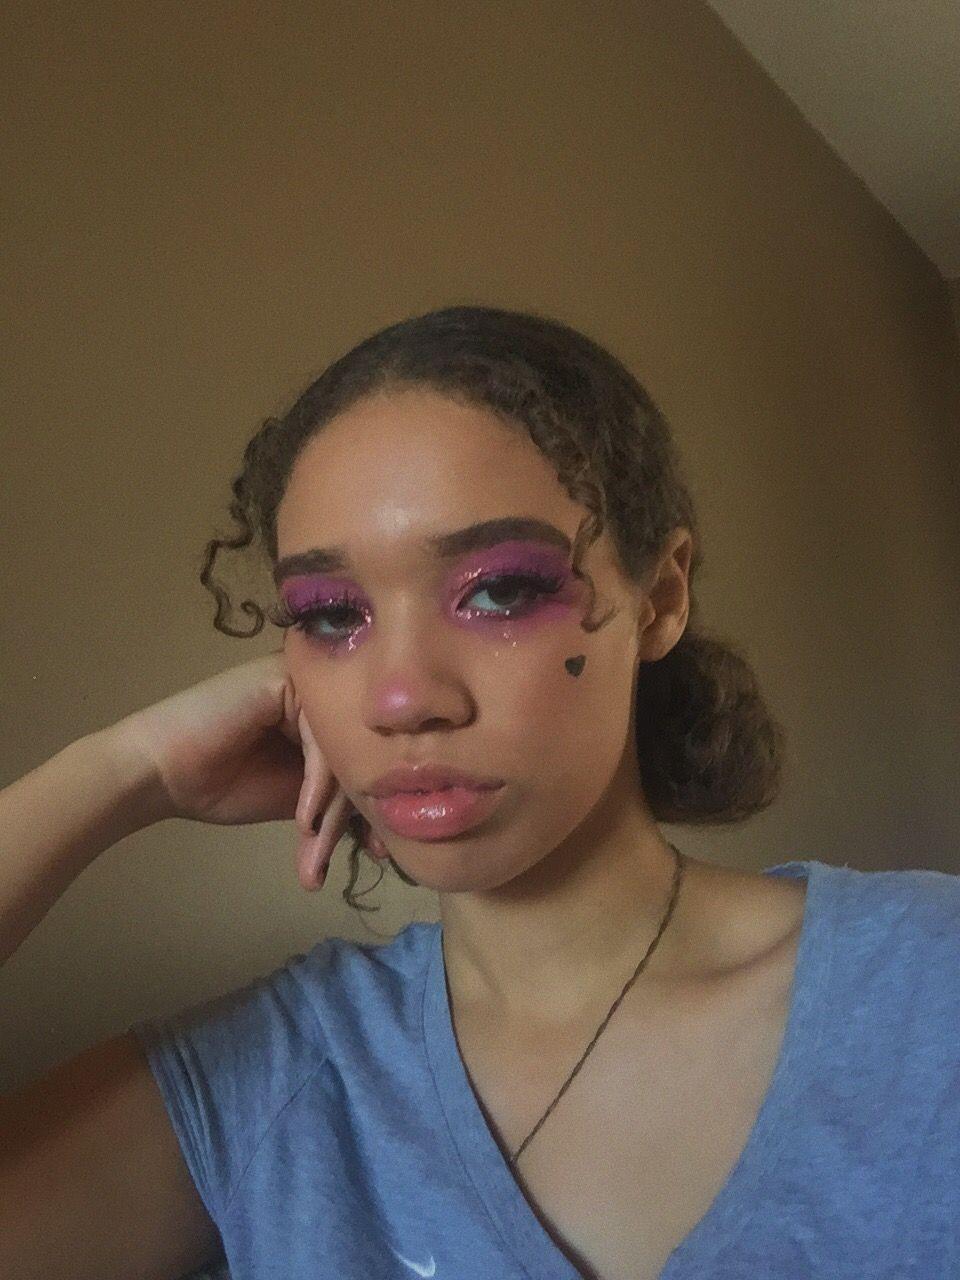 E Girl Makeup In 2020 Girls Makeup Mixed Girls Makeup Looks